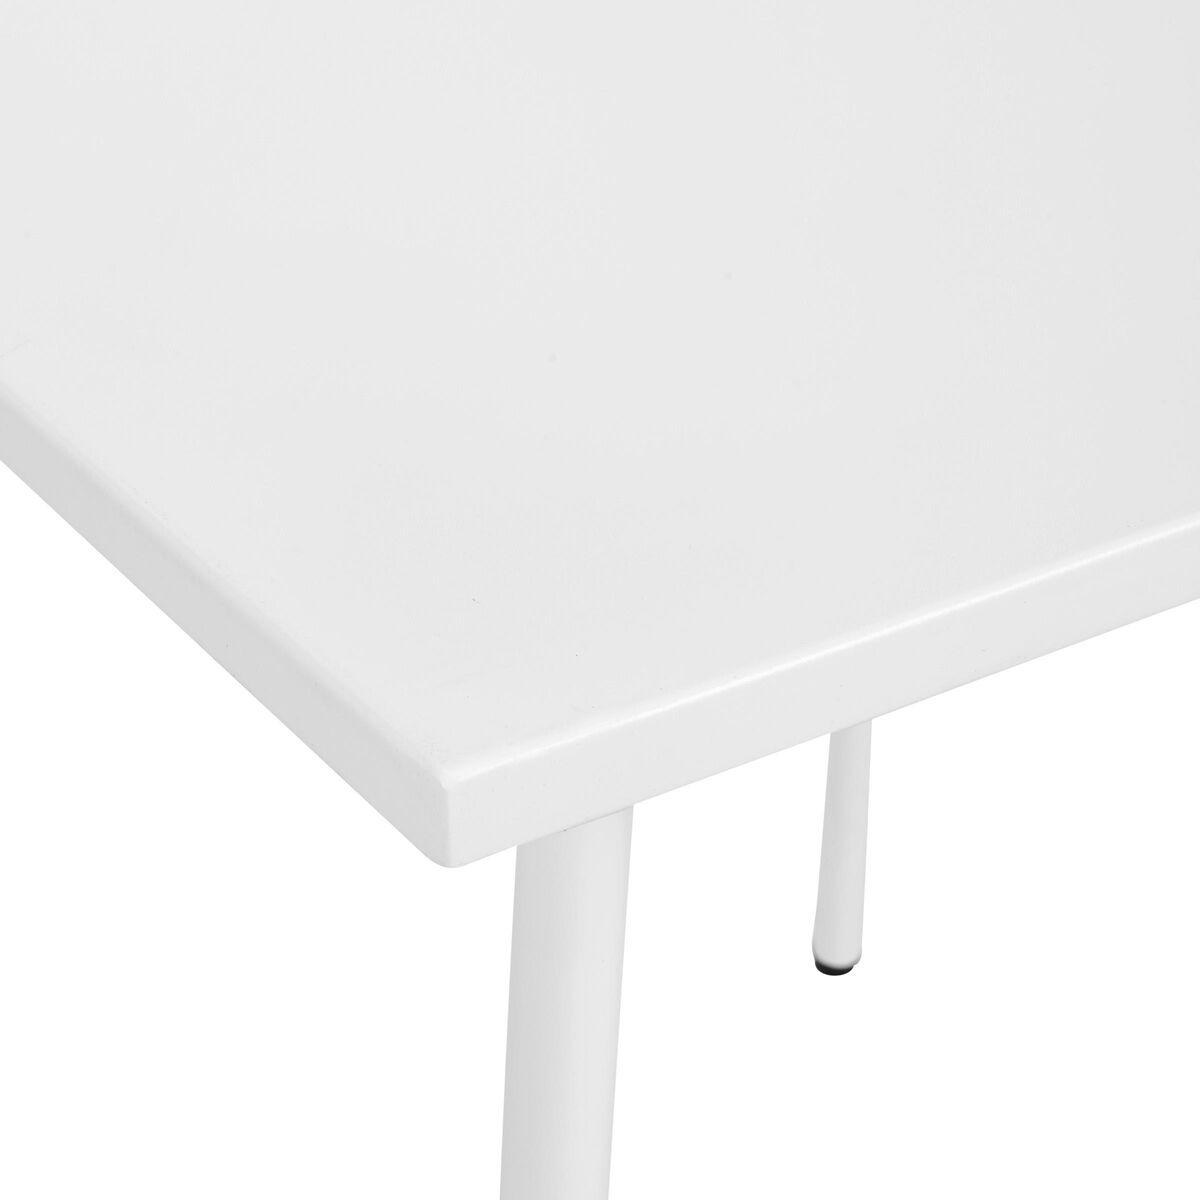 CARREFOUR Tisch 75x75 cm weiß